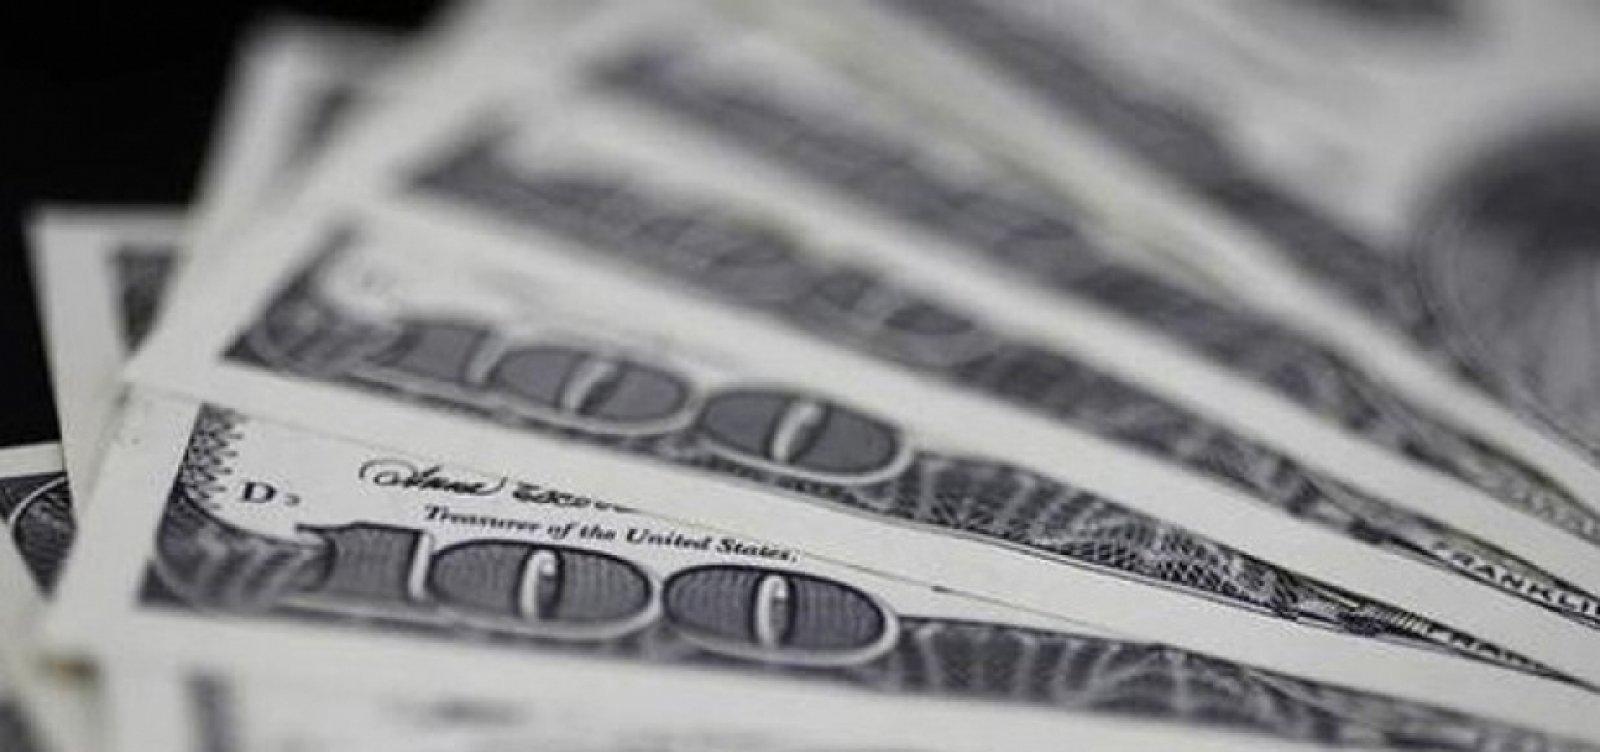 Com piora do exterior, dólar fecha em alta de 0,30%